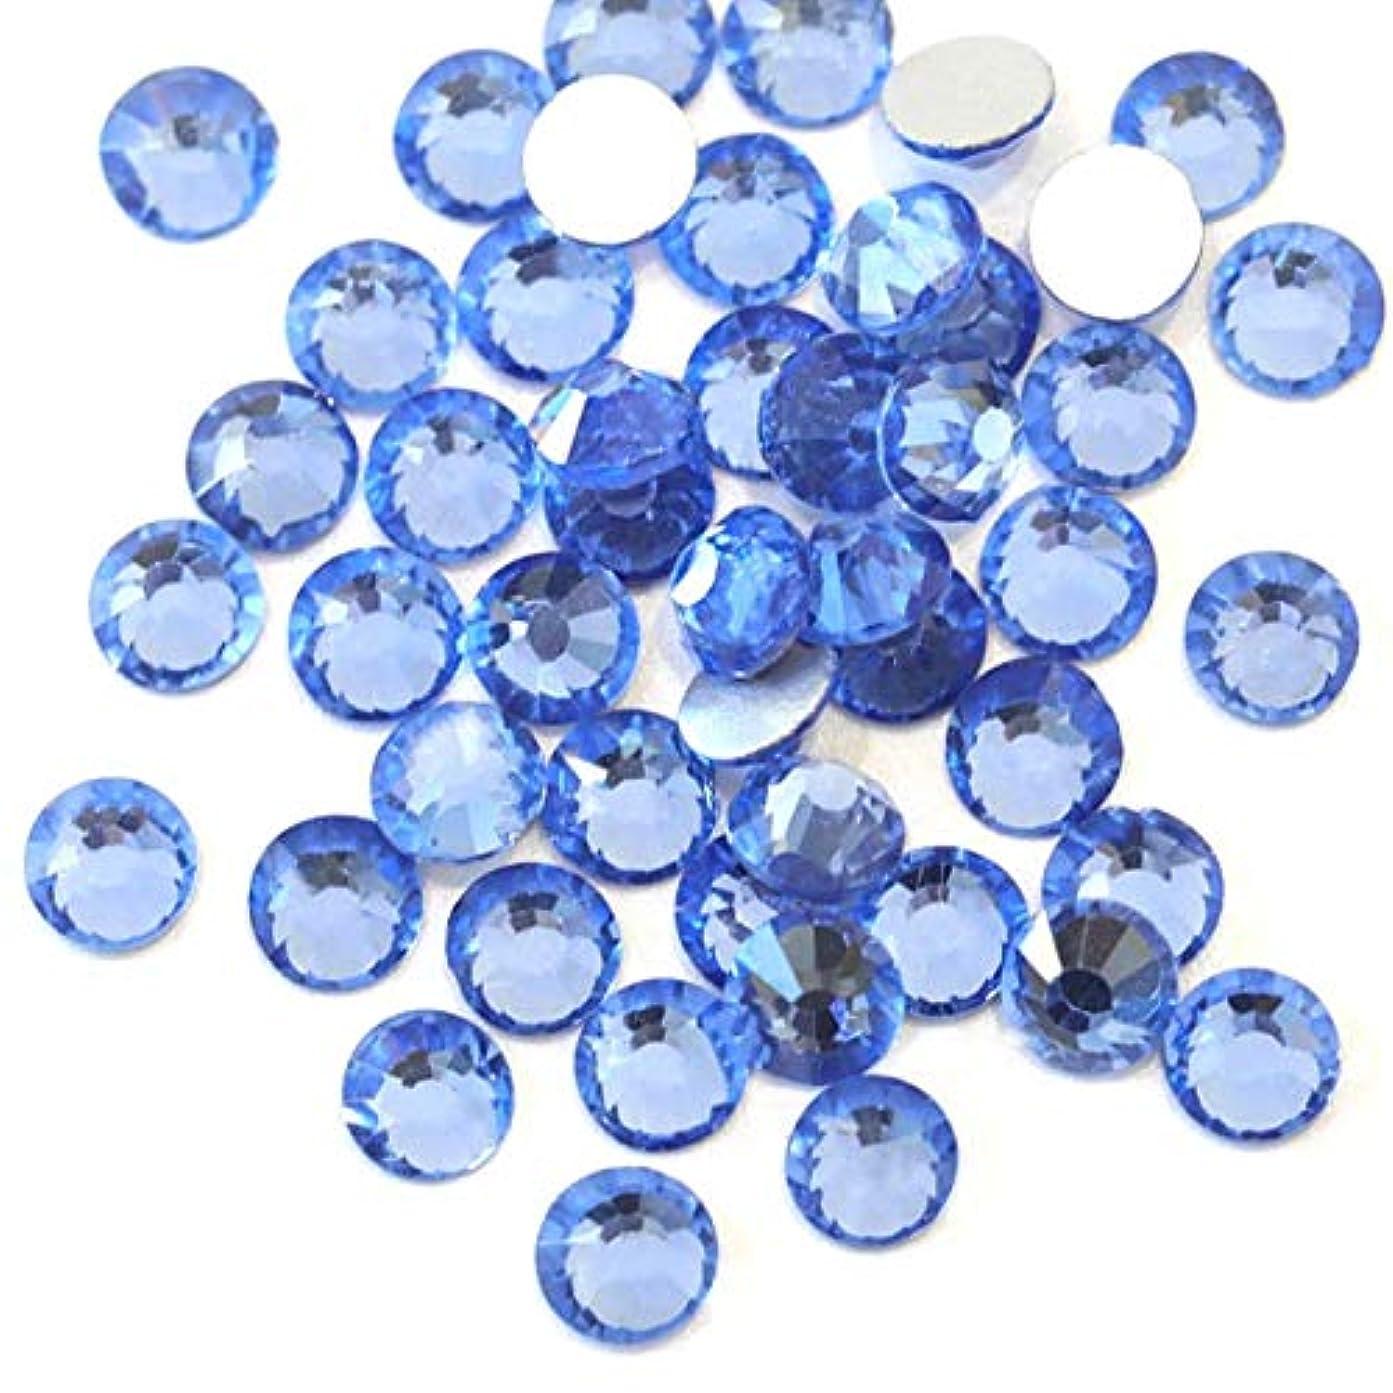 報酬の急行するさまよう【ラインストーン77】高品質ガラス製ラインストーン ライトサファイア(1.5mm (SS4) 約200粒)